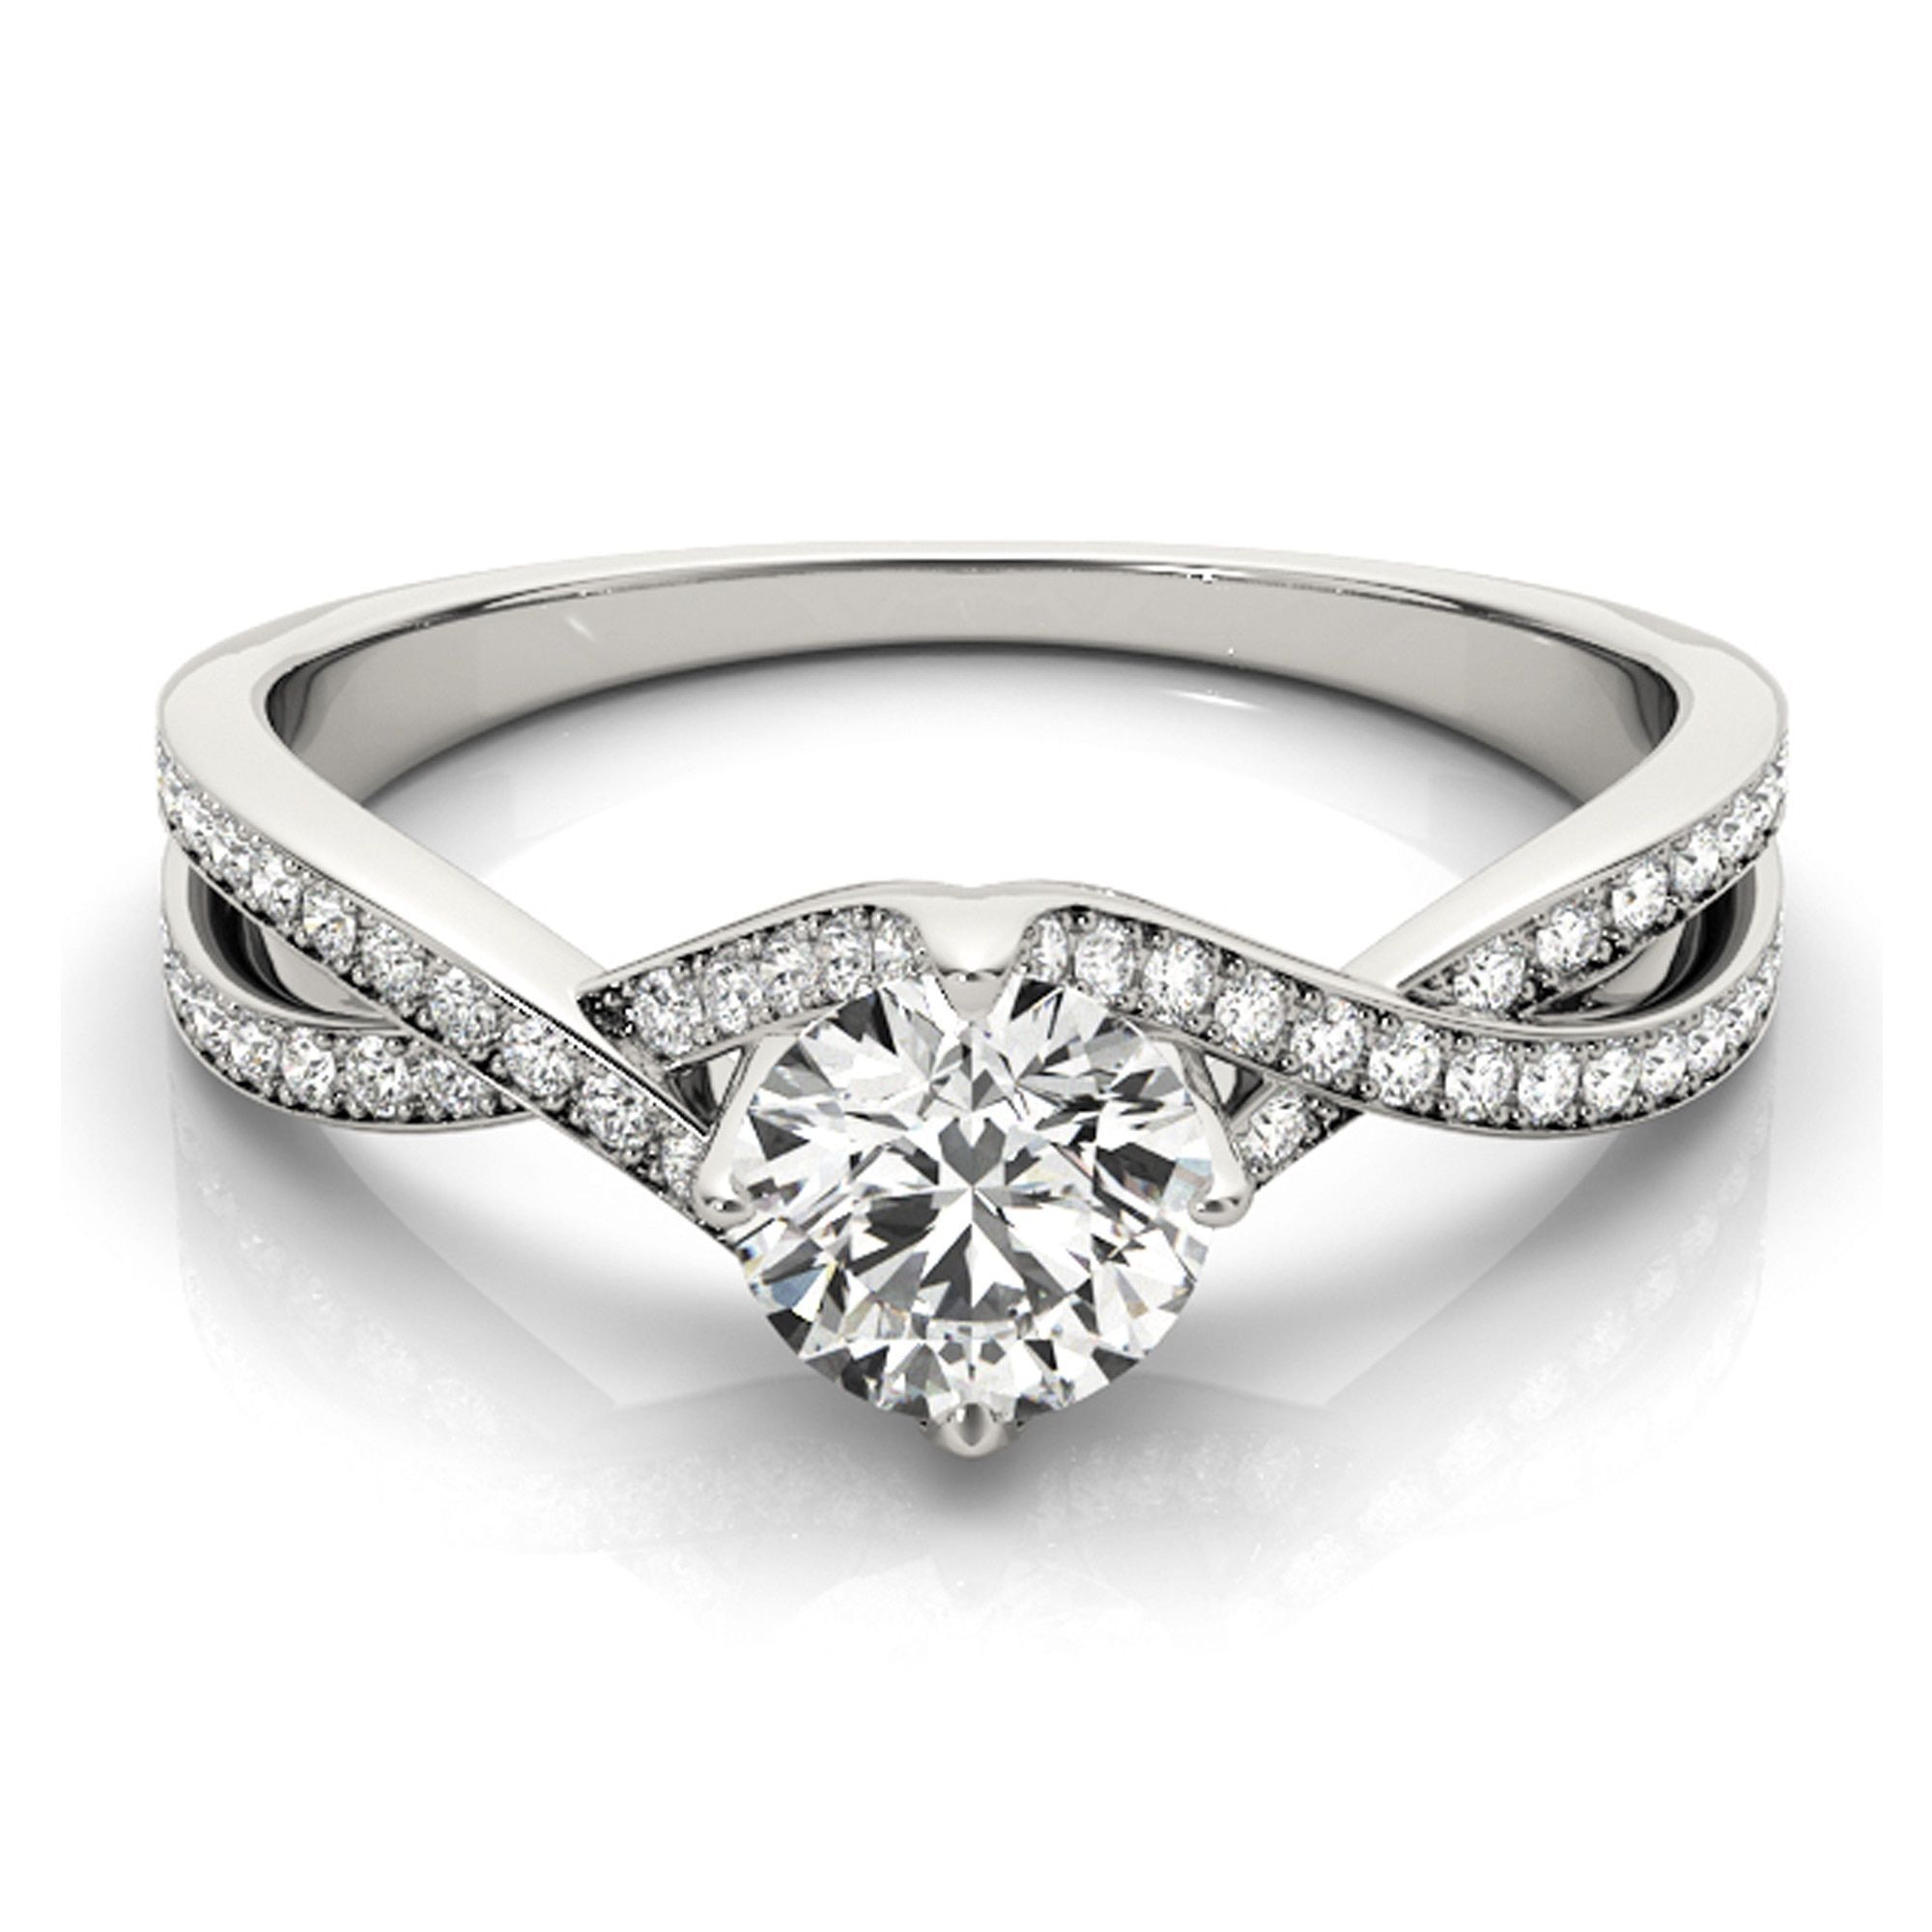 Transcendent Brilliance 14k Gold 3/4ct TDW Diamond Split Shank Engagement Ring (G-H, VS1-VS2) (Rose - Size 5), Women's, Pink